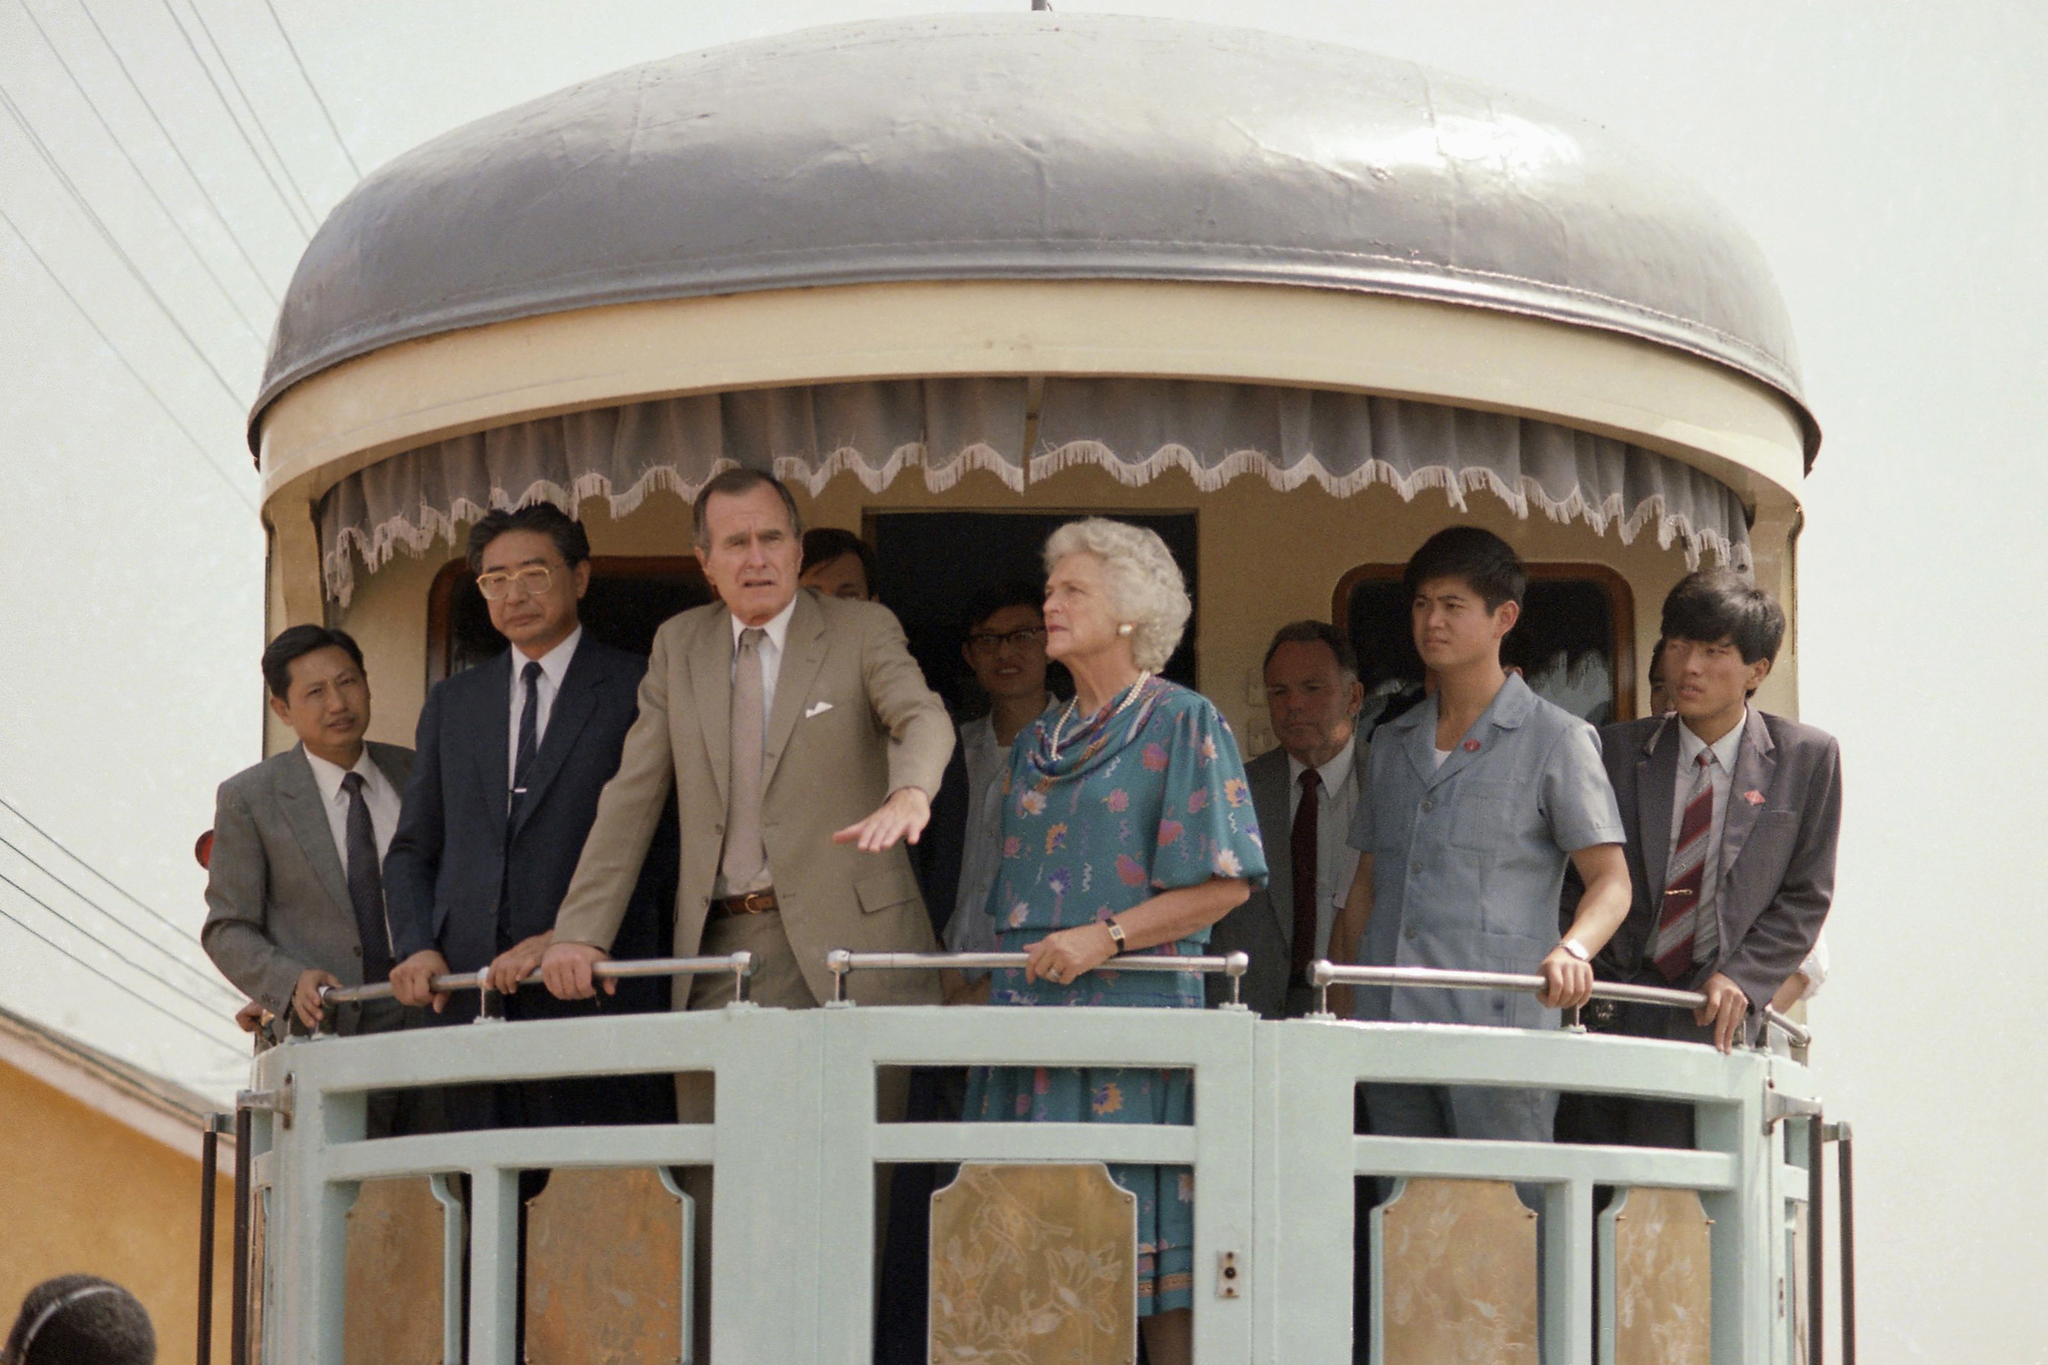 미국 조지 부시 부통령과 바바라 여사가 1985년 10월13일 중국 방문 기간중 광둥성에서 심천 경제특구로 가는 특별열차 뒤편에 탑승해 있다. [AP=연합뉴스]